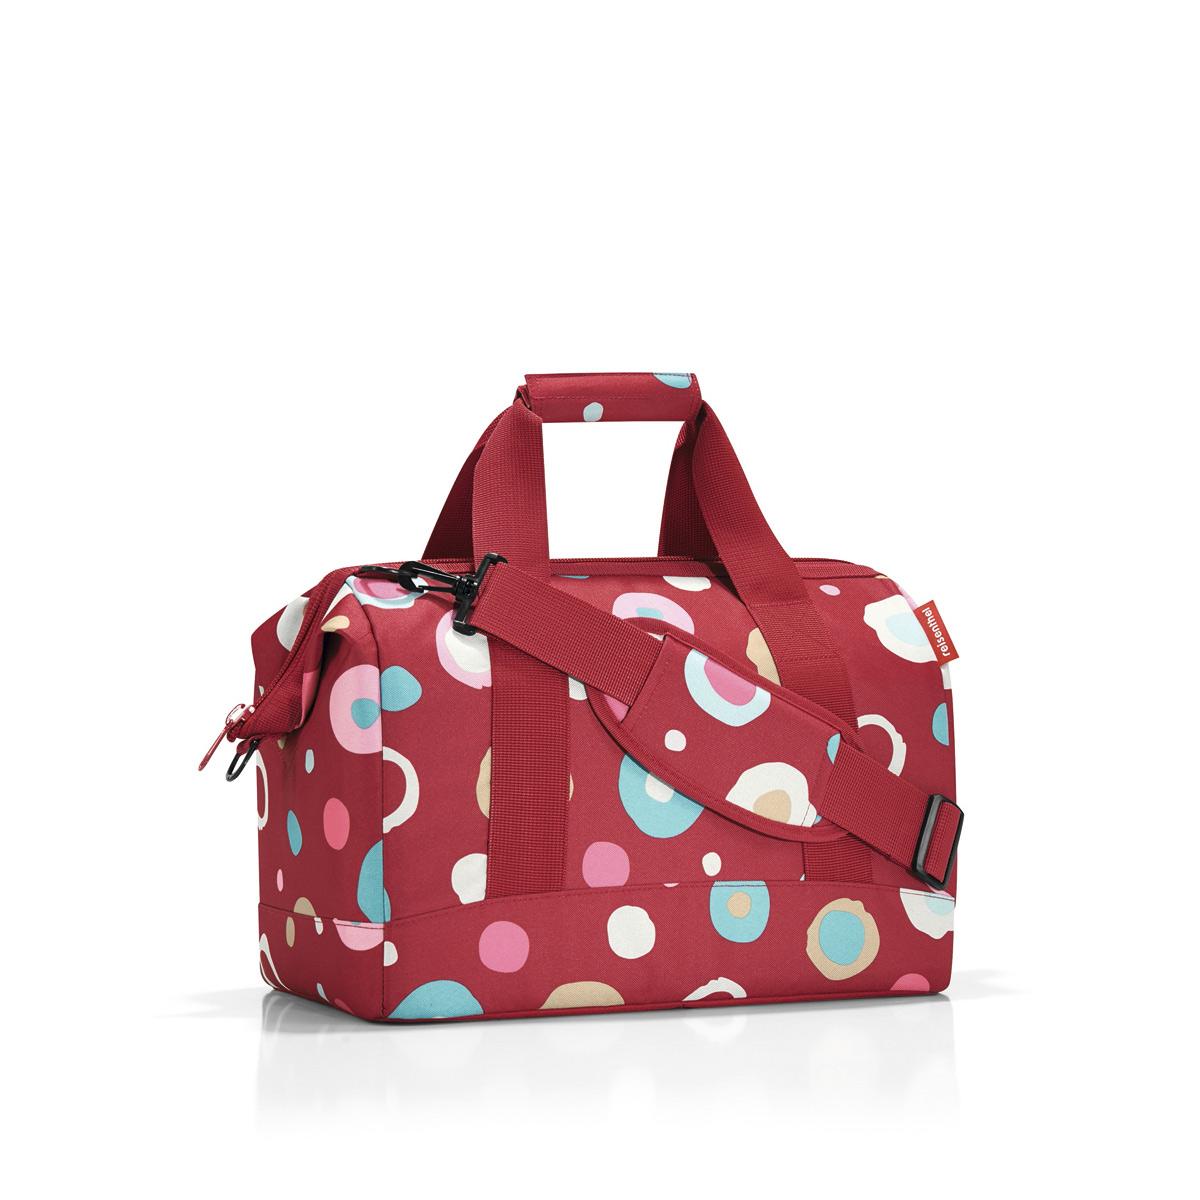 Сумка женская Reisenthel Allrounder M funky dots 2, цвет: красный. MS304823008Сумка хоть куда - и в путешествие, и в спортзал. Вместит все, от носков до пиджака. Приятные объемные стенки и дно создают силуэт, напоминающий старинные врачебные сумки. Застегивается на молнию, плюс внутрь встроены металлические скобы, фиксирующие ее в открытом состоянии. Внутри 6 кармашков для организации вещей. Две удобные ручки и ремень регулируемой длины позволяют носить сумку так, как вам удобно. Объем - 18 литров.